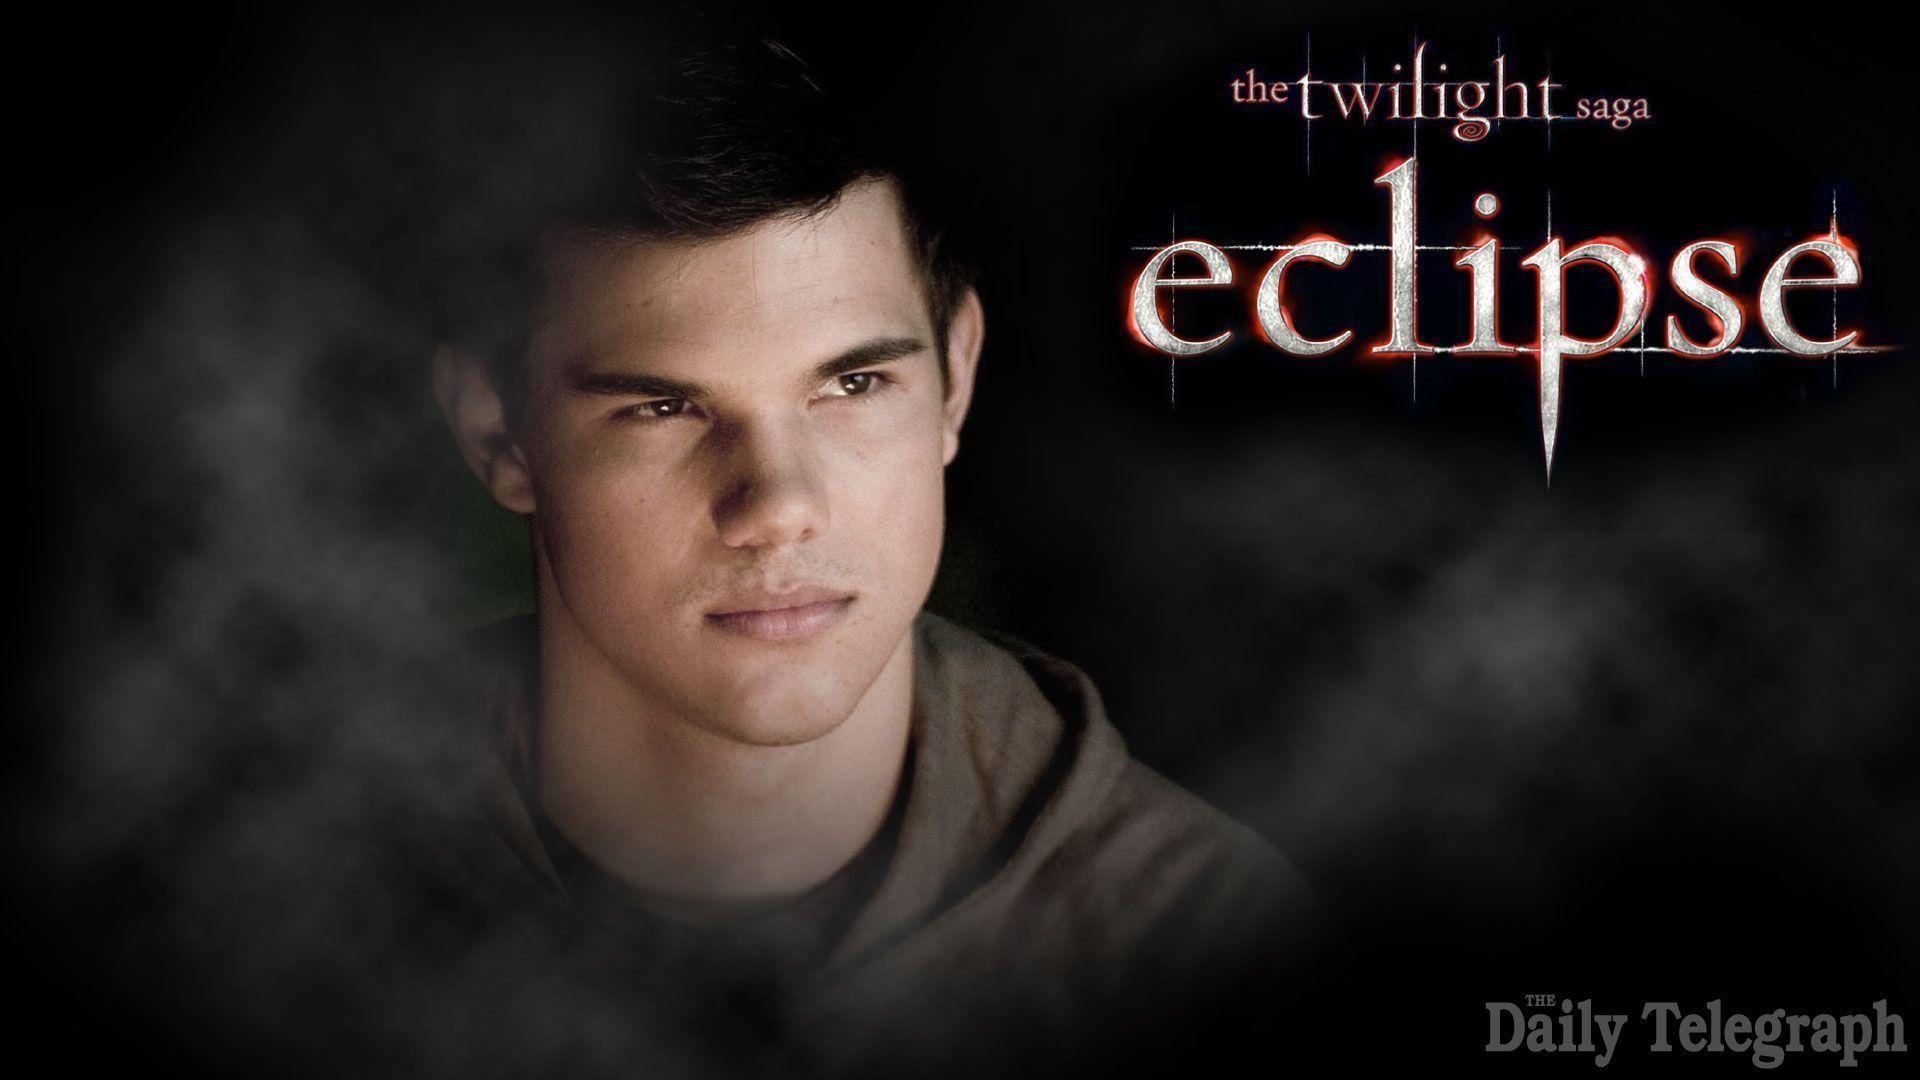 Twilight Breaking Dawn Part 2 Wallpaper Hd Jacob Twilight Wallpapers Wallpaper Cave